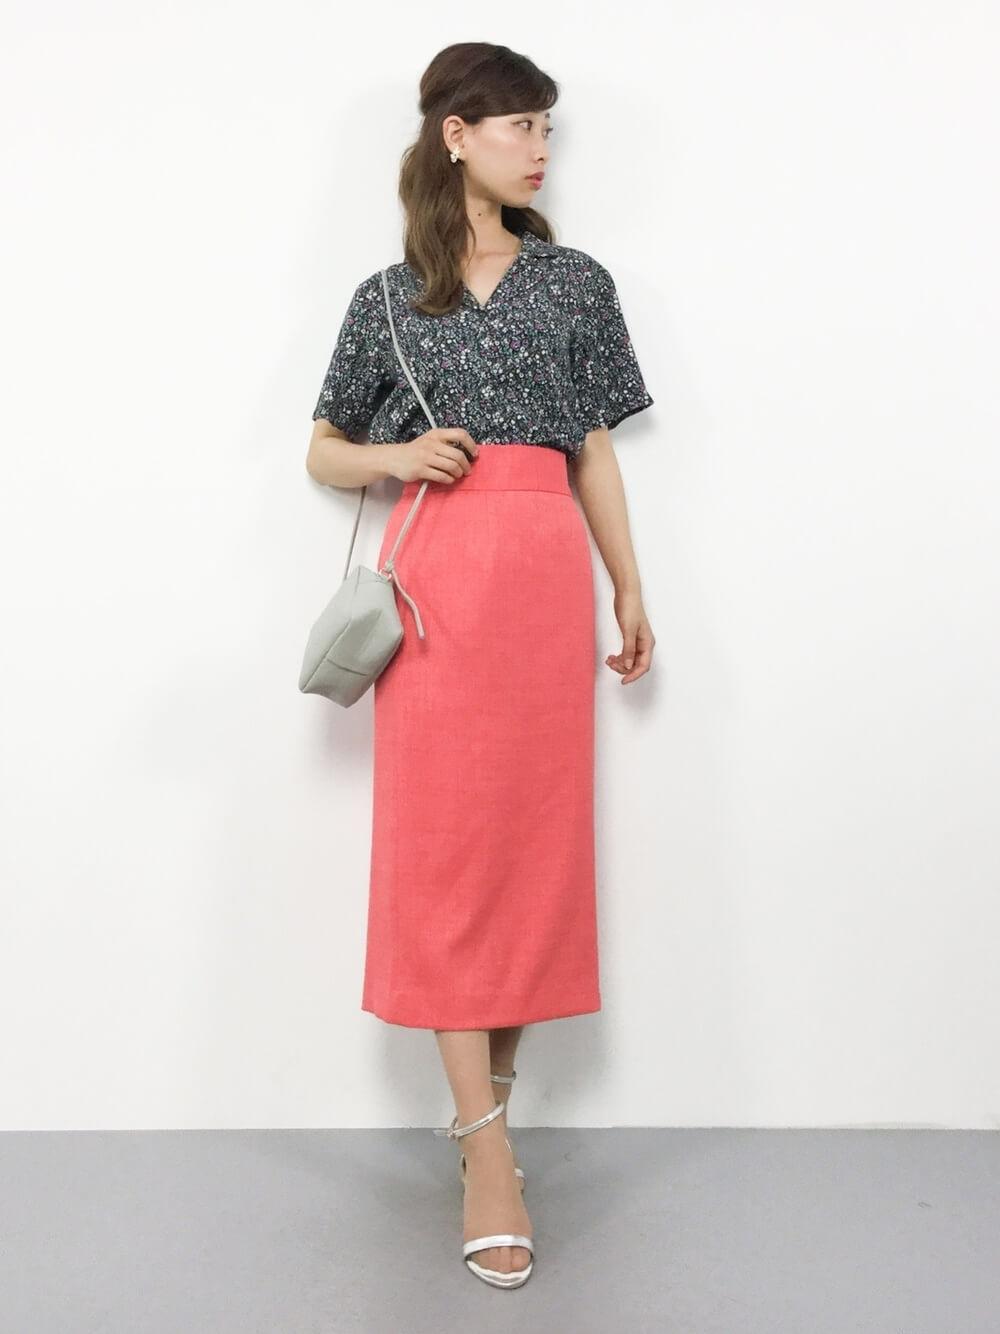 小花柄のシャツとピンクタイトスカートのコーデ画像